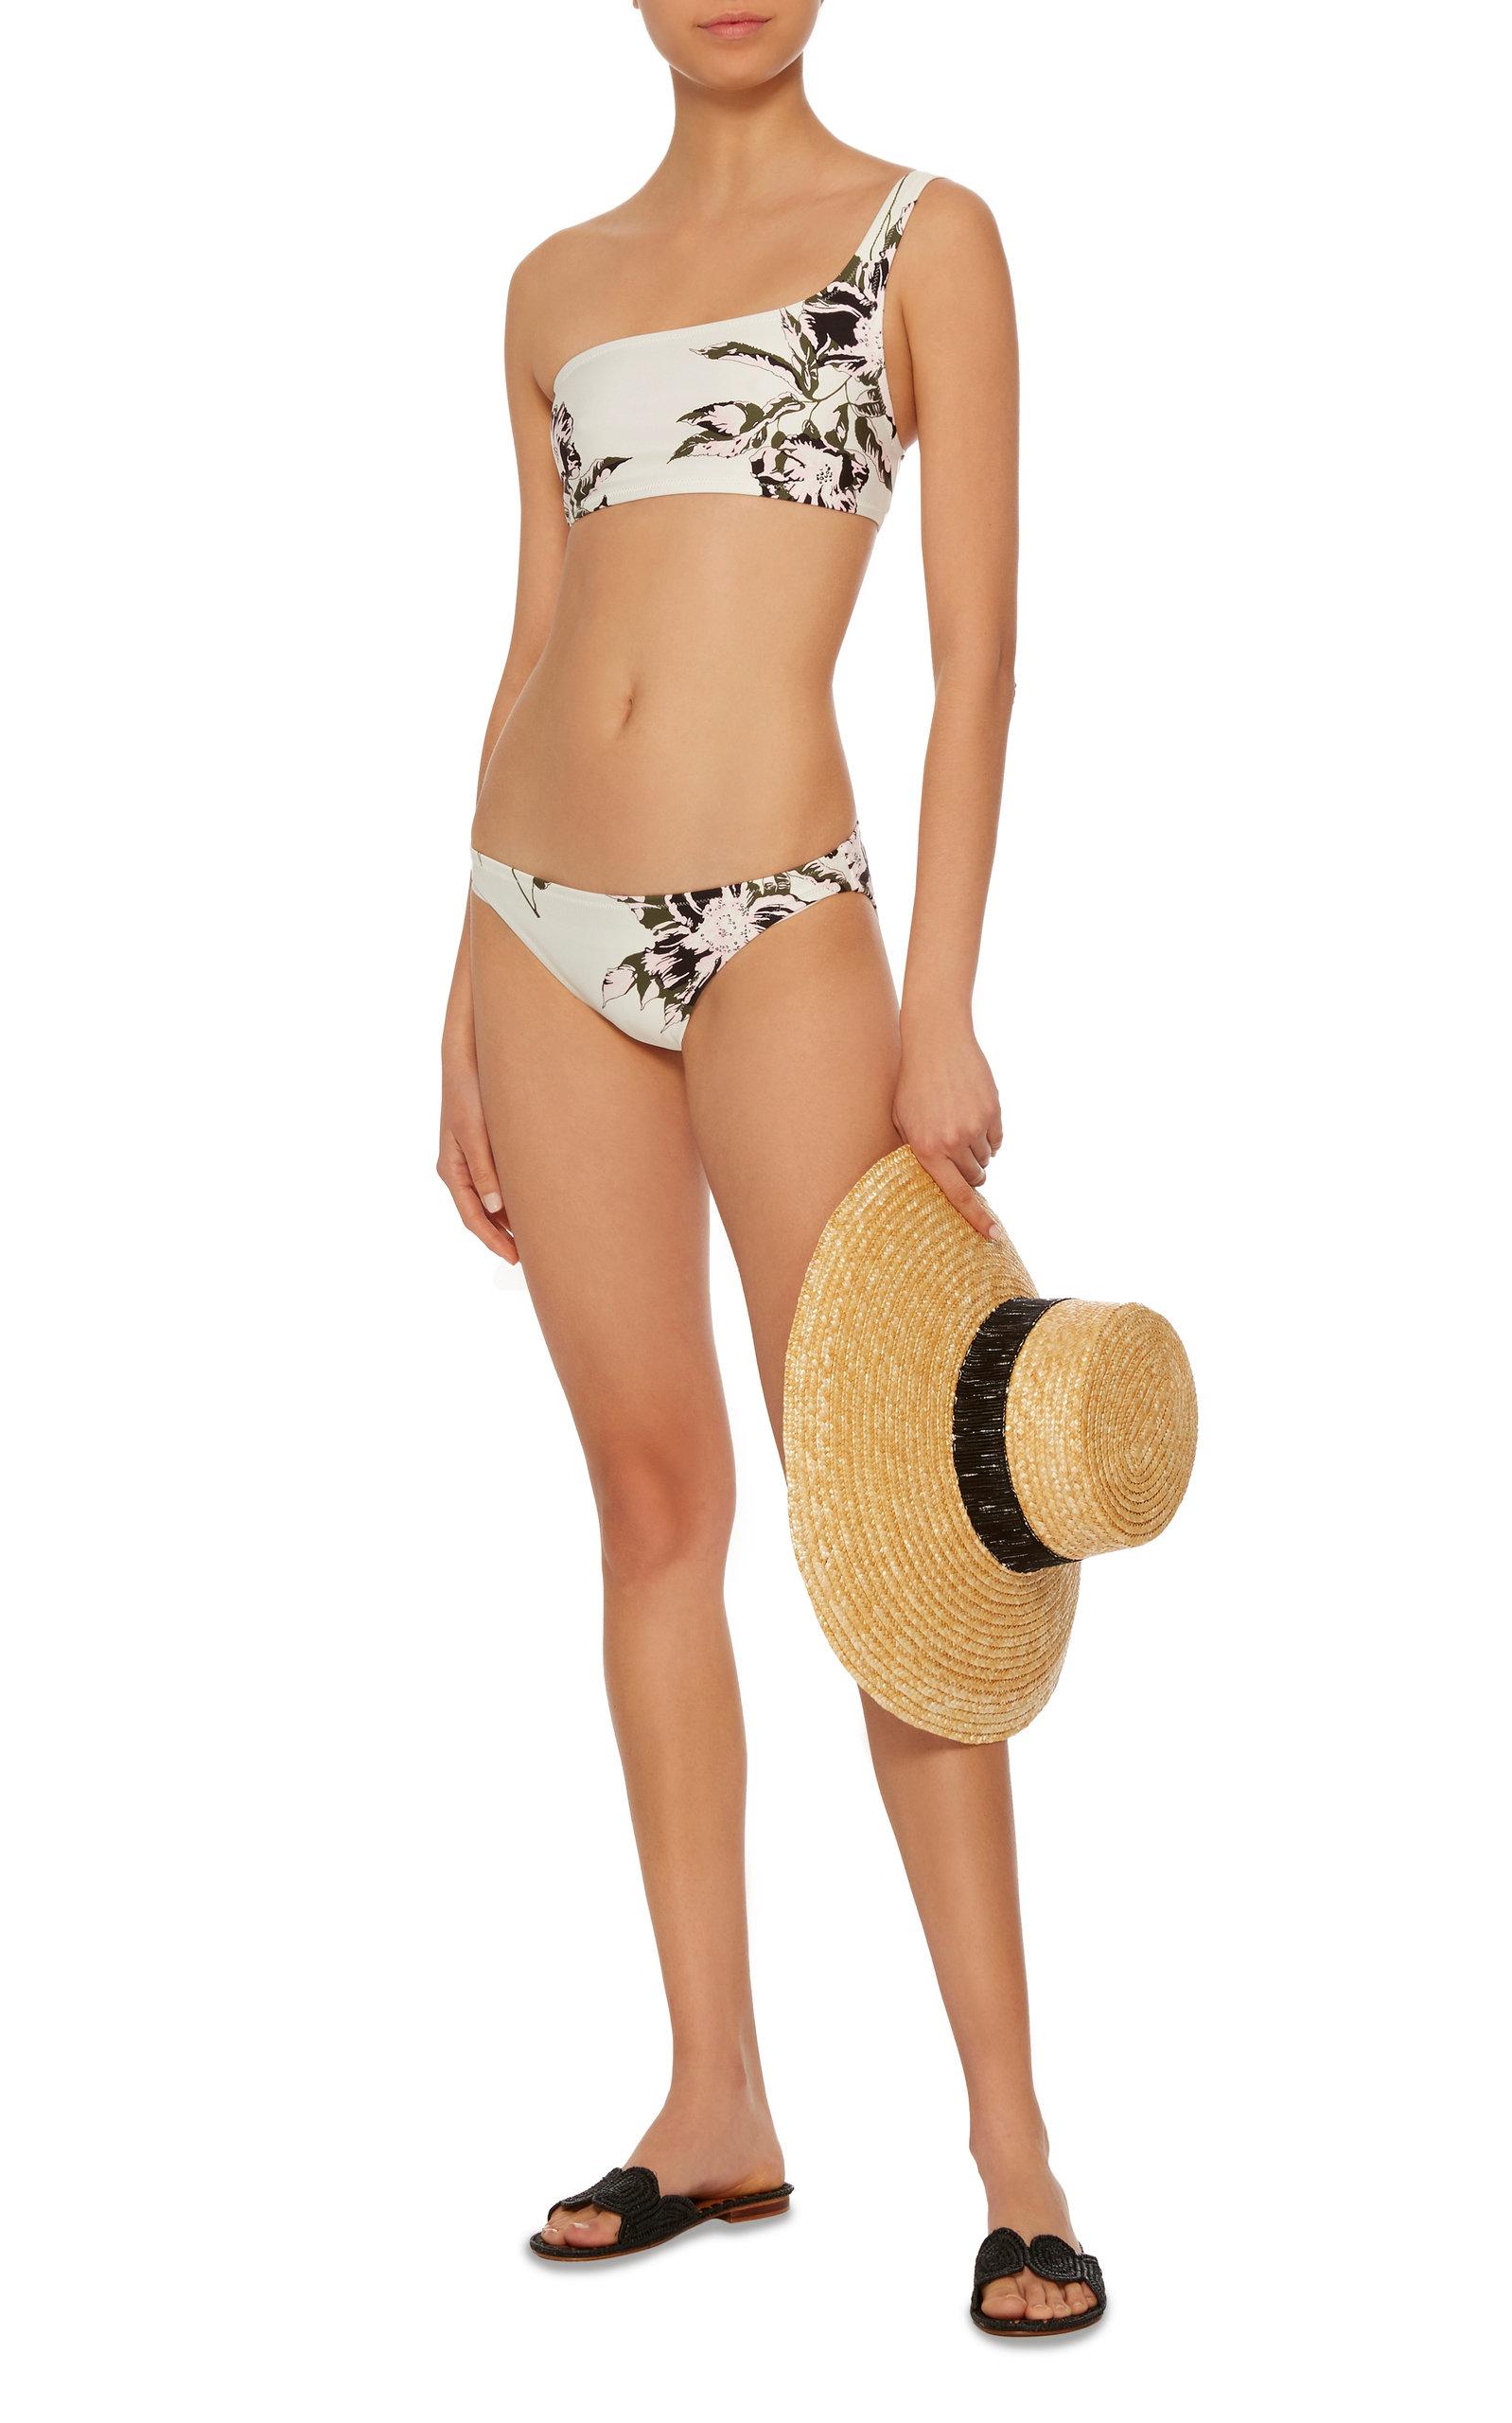 Codes De Réduction Des Achats En Ligne Proenza Schouler One-Shoulder Floral-Print Bikini Set Meilleure Vente En Gros En Ligne r7nkFhR